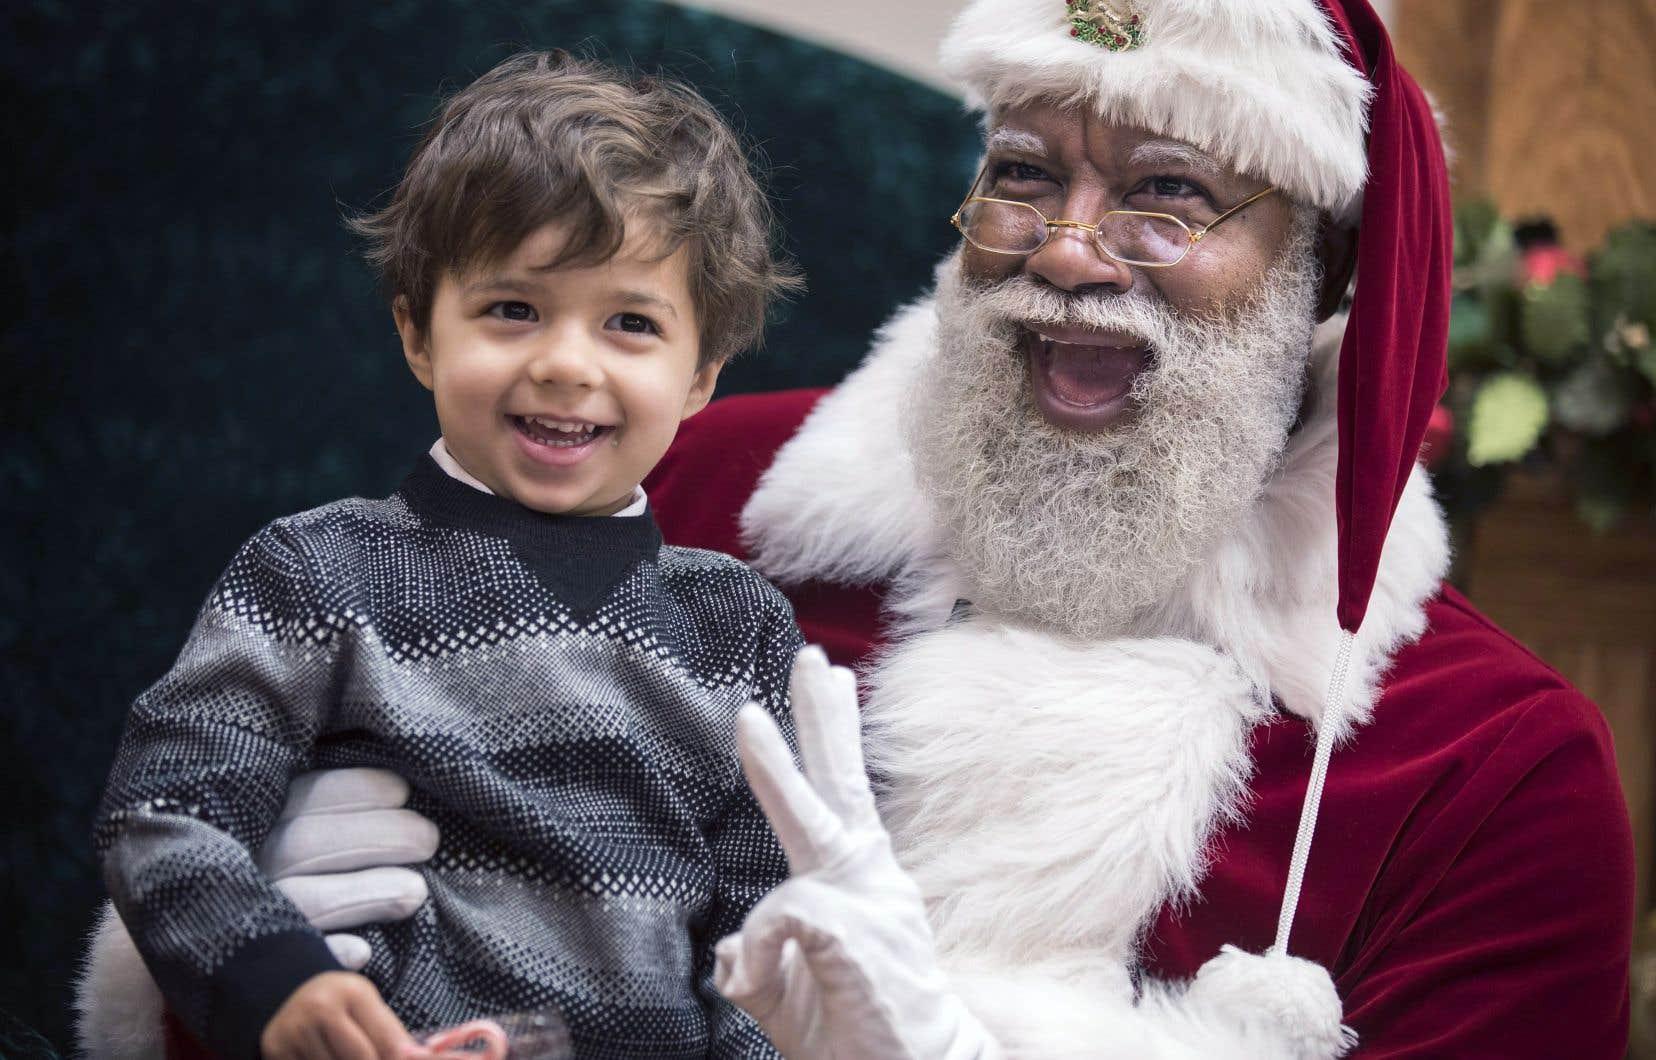 Larry Jefferson fait fureur dans son costume de père Noël partout où il va aux États-Unis.